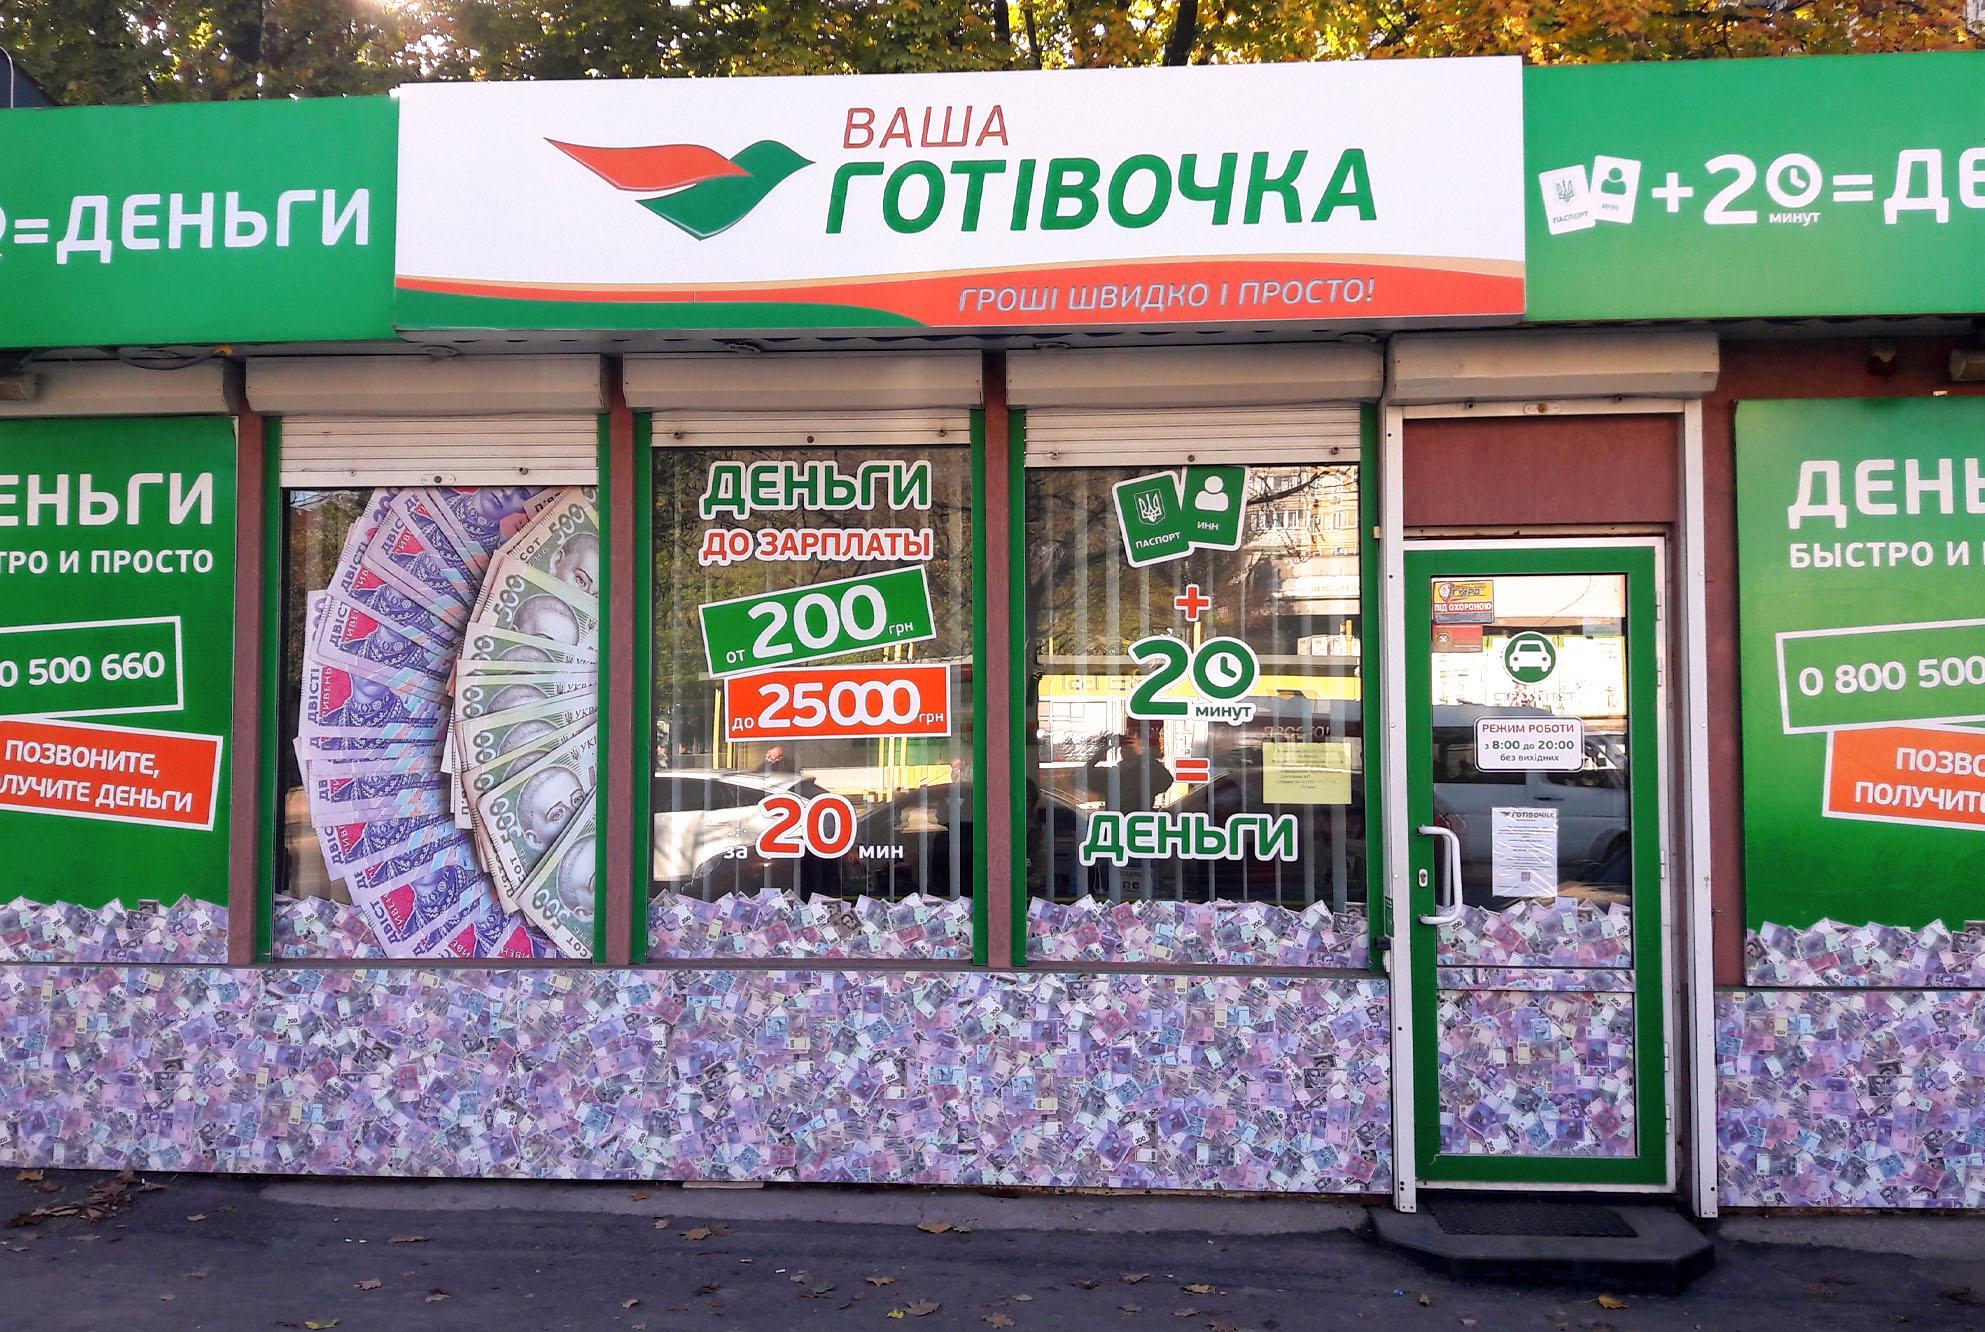 gotivochka case3